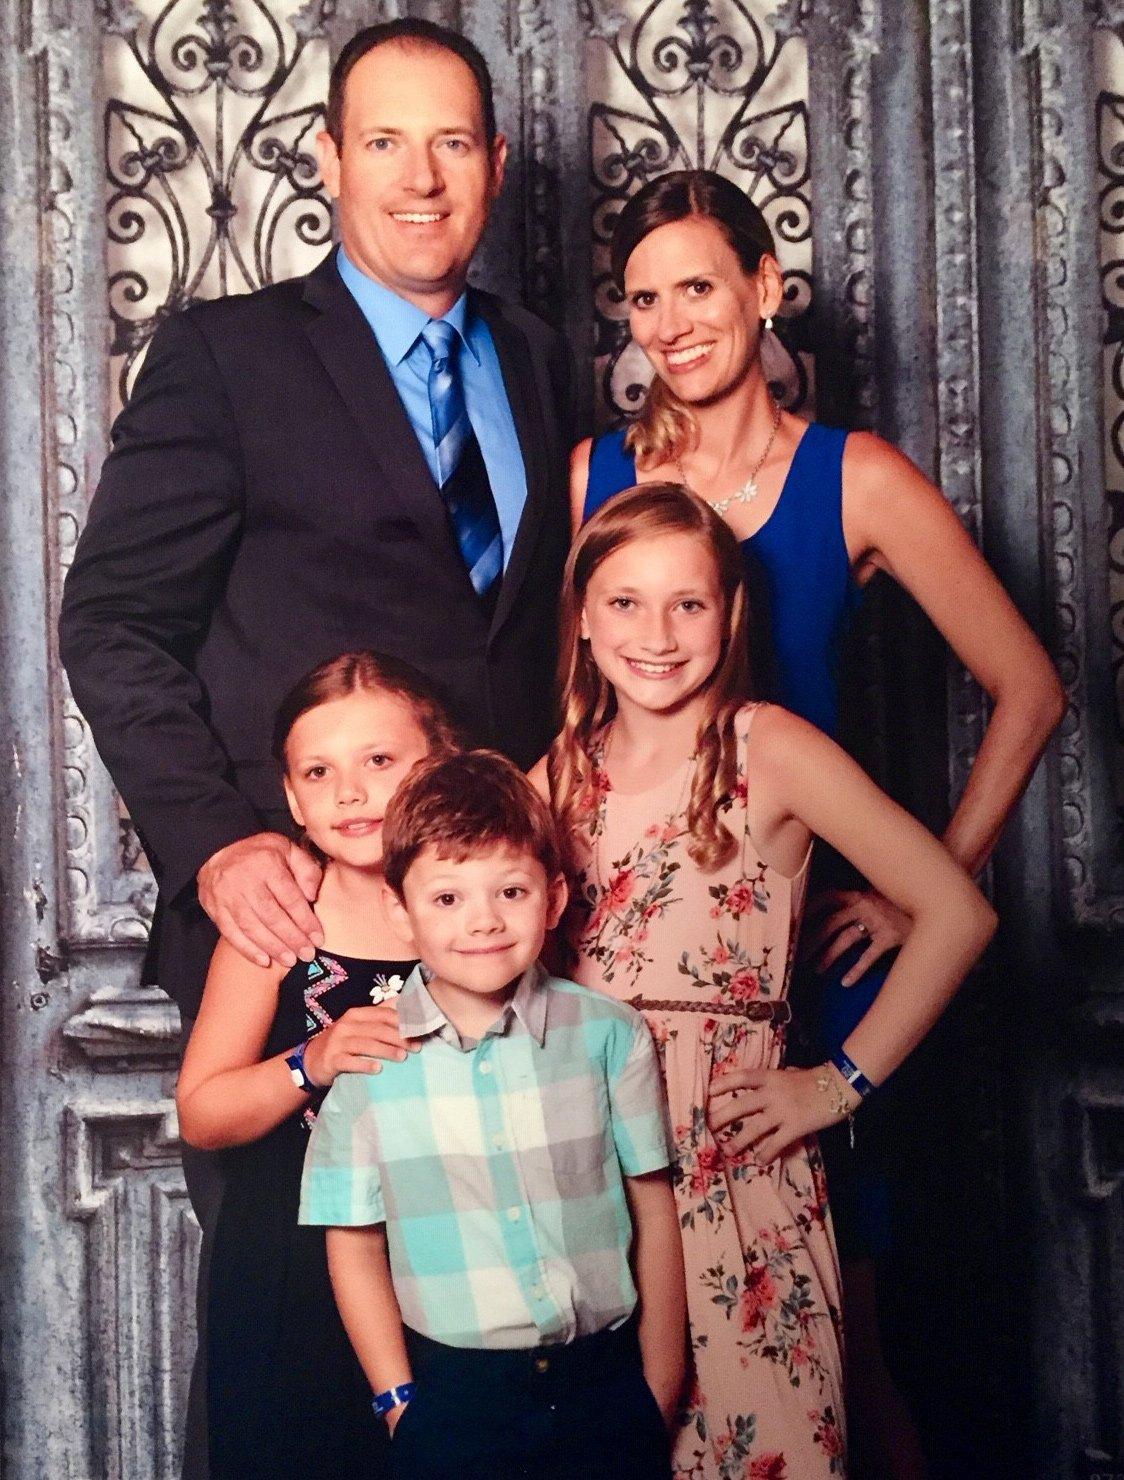 11Matt Stone family, man, woman, and three children